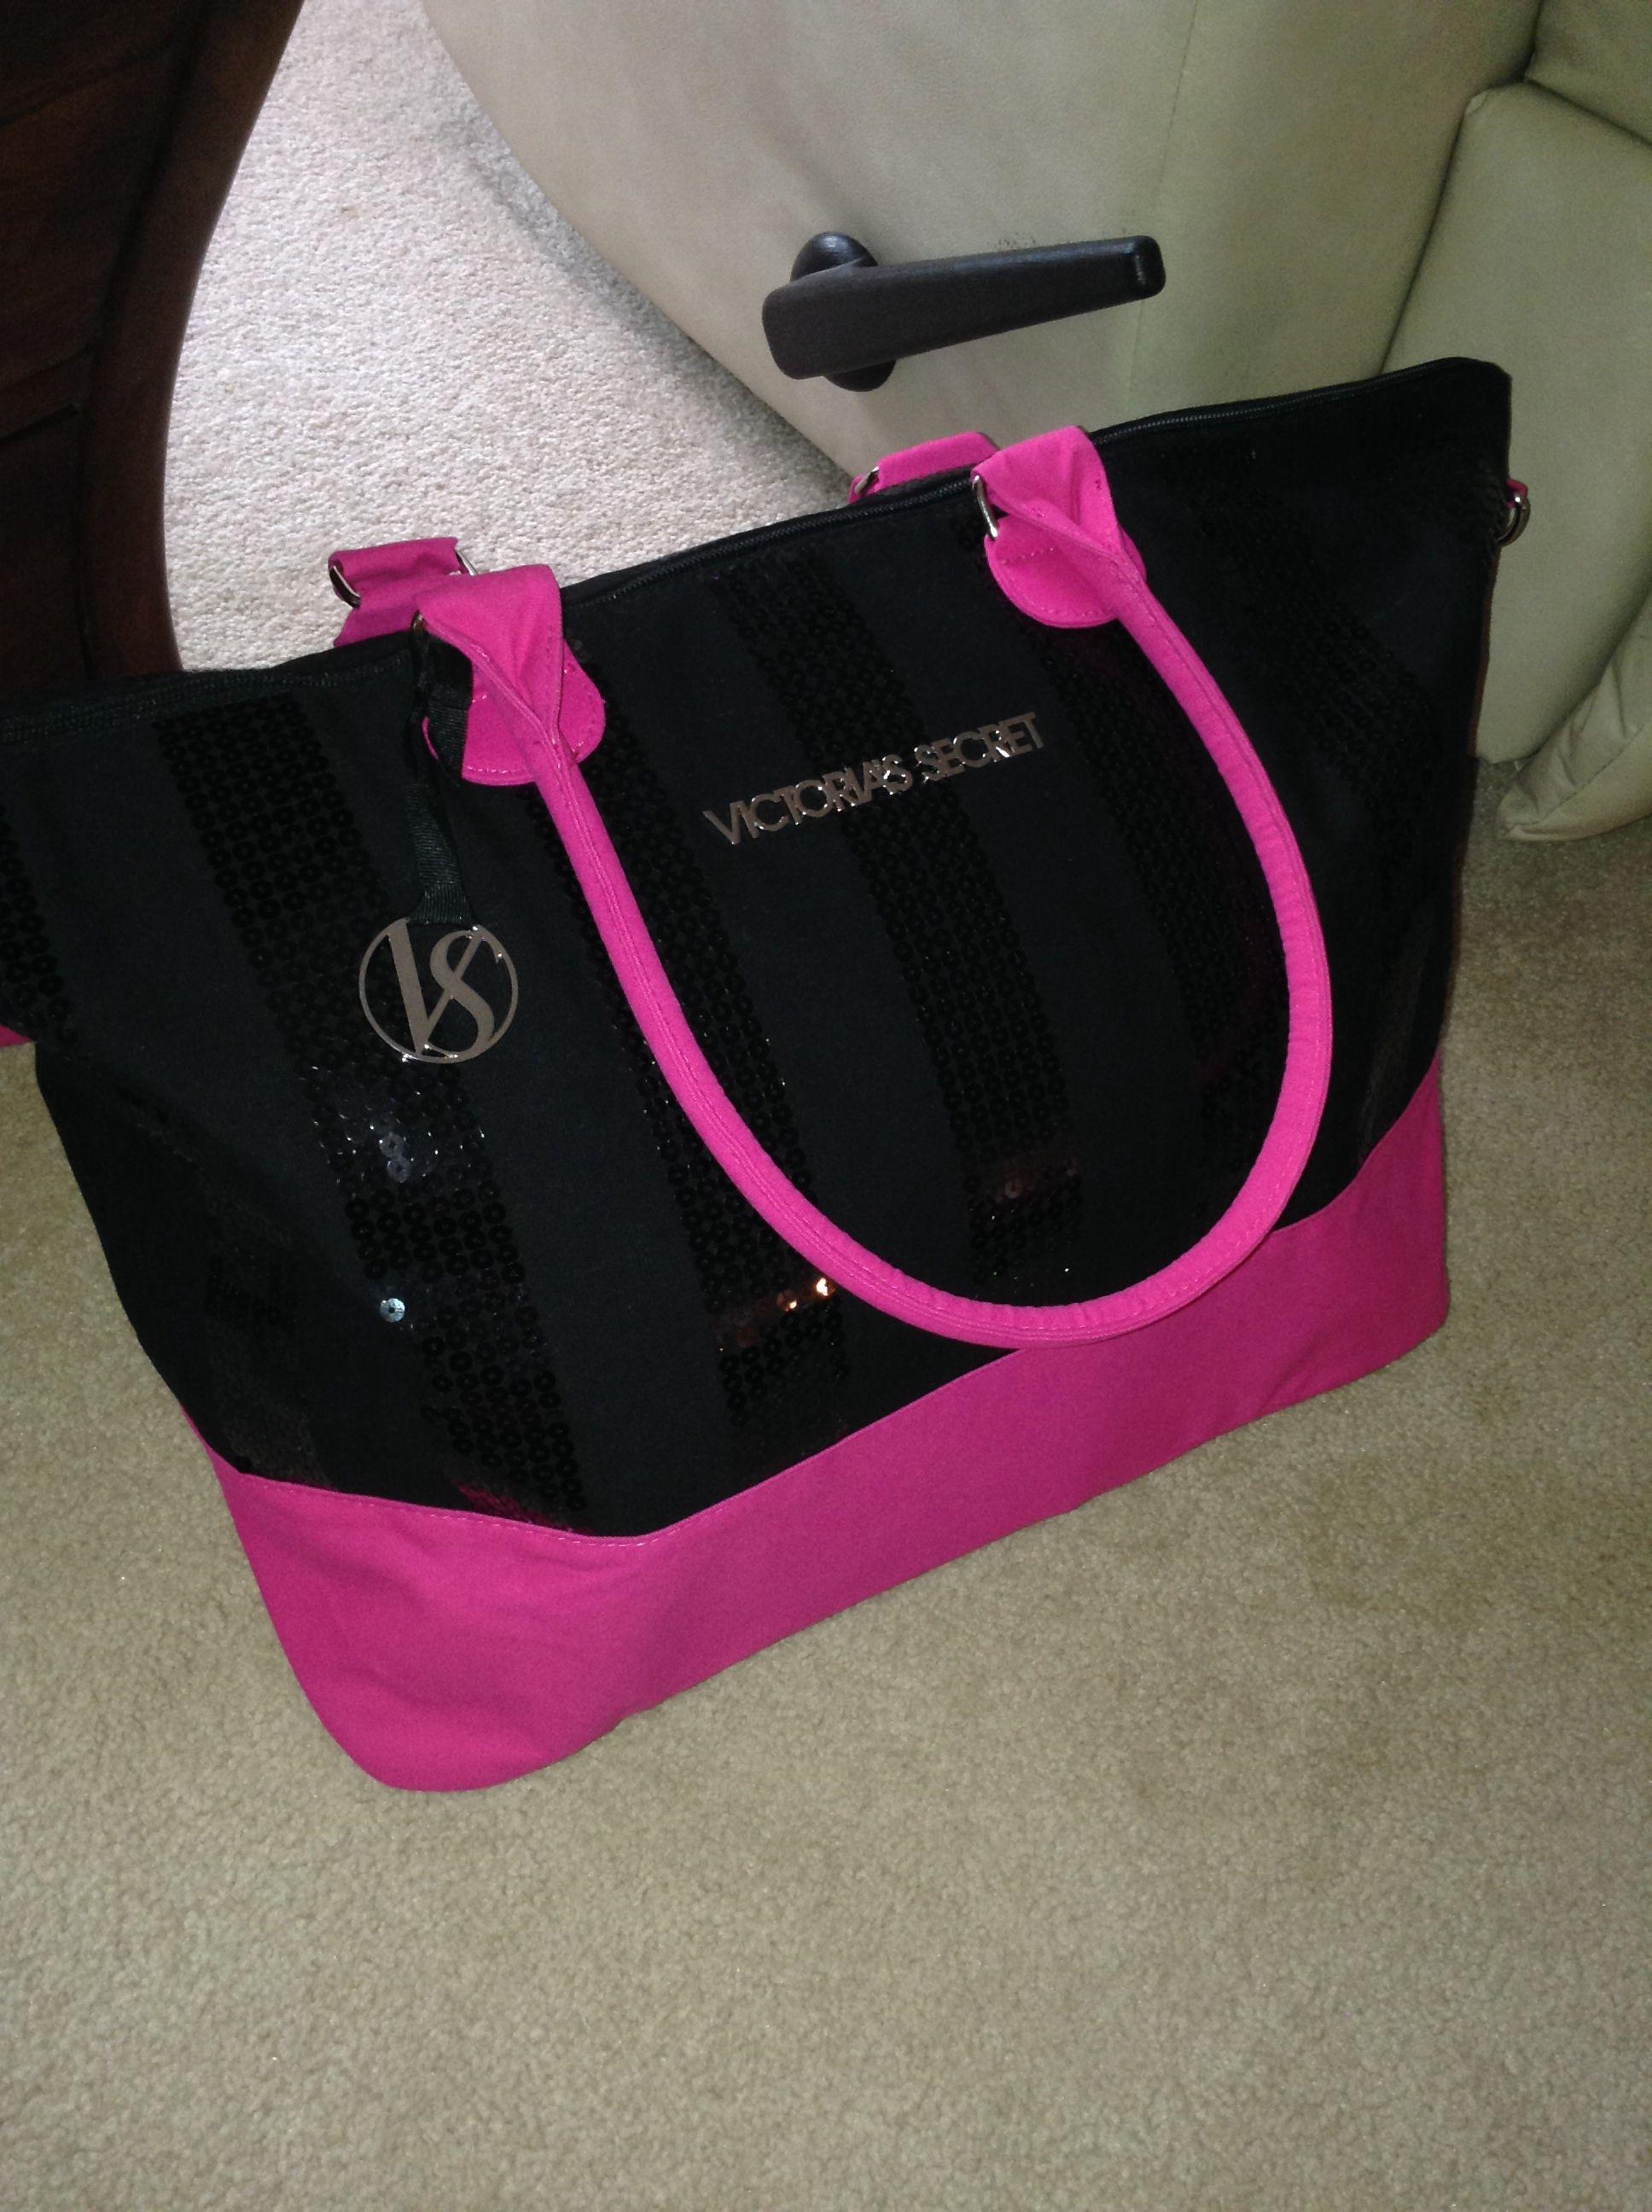 bd1a4908aaa Victoria s Secret Bag